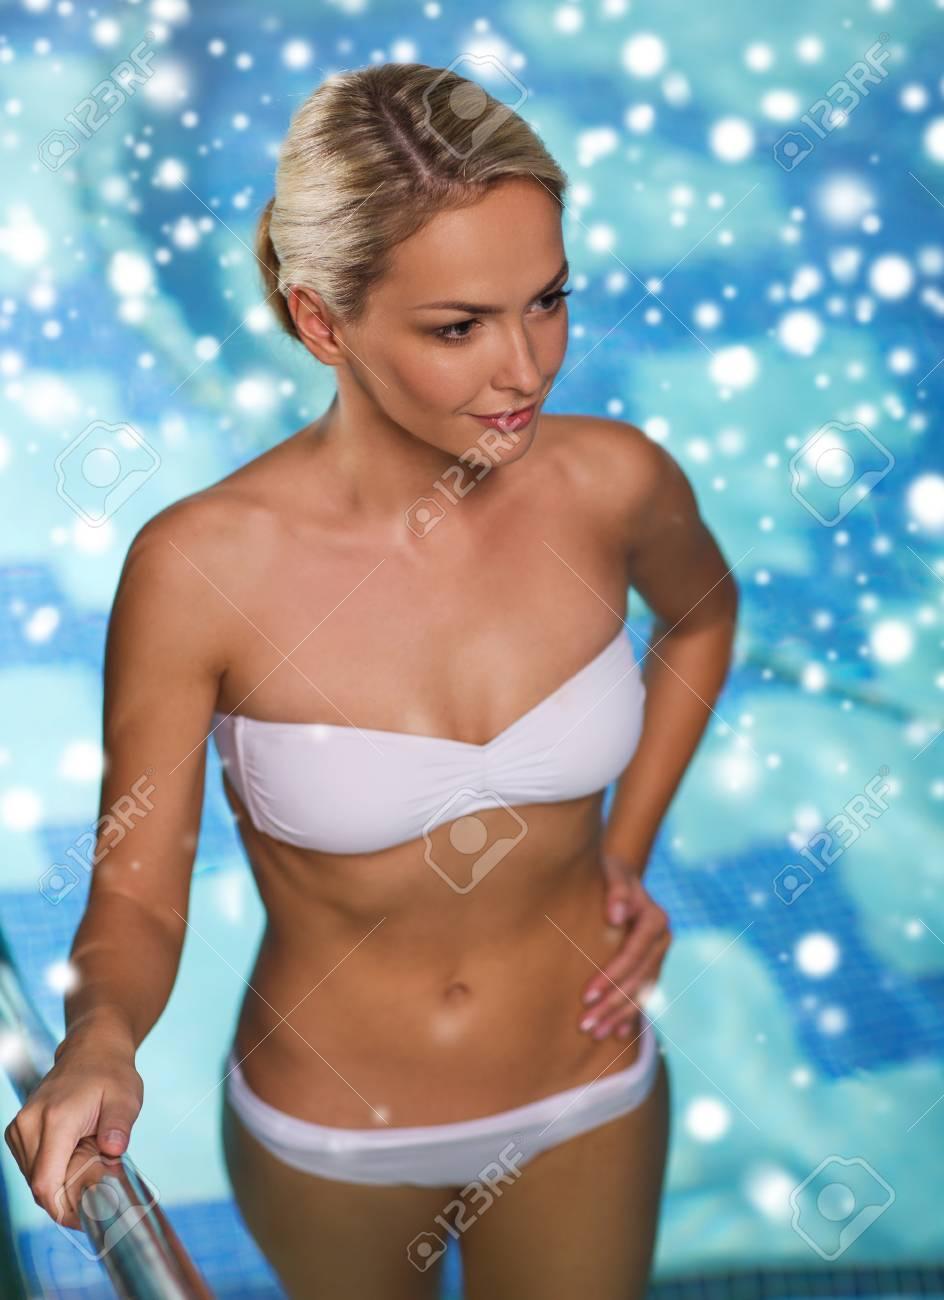 13c0bf16db18 Personas, belleza, spa, estilo de vida saludable y el concepto de  relajación - hermosa mujer joven en traje de baño bikini elevar el piso de  arriba ...